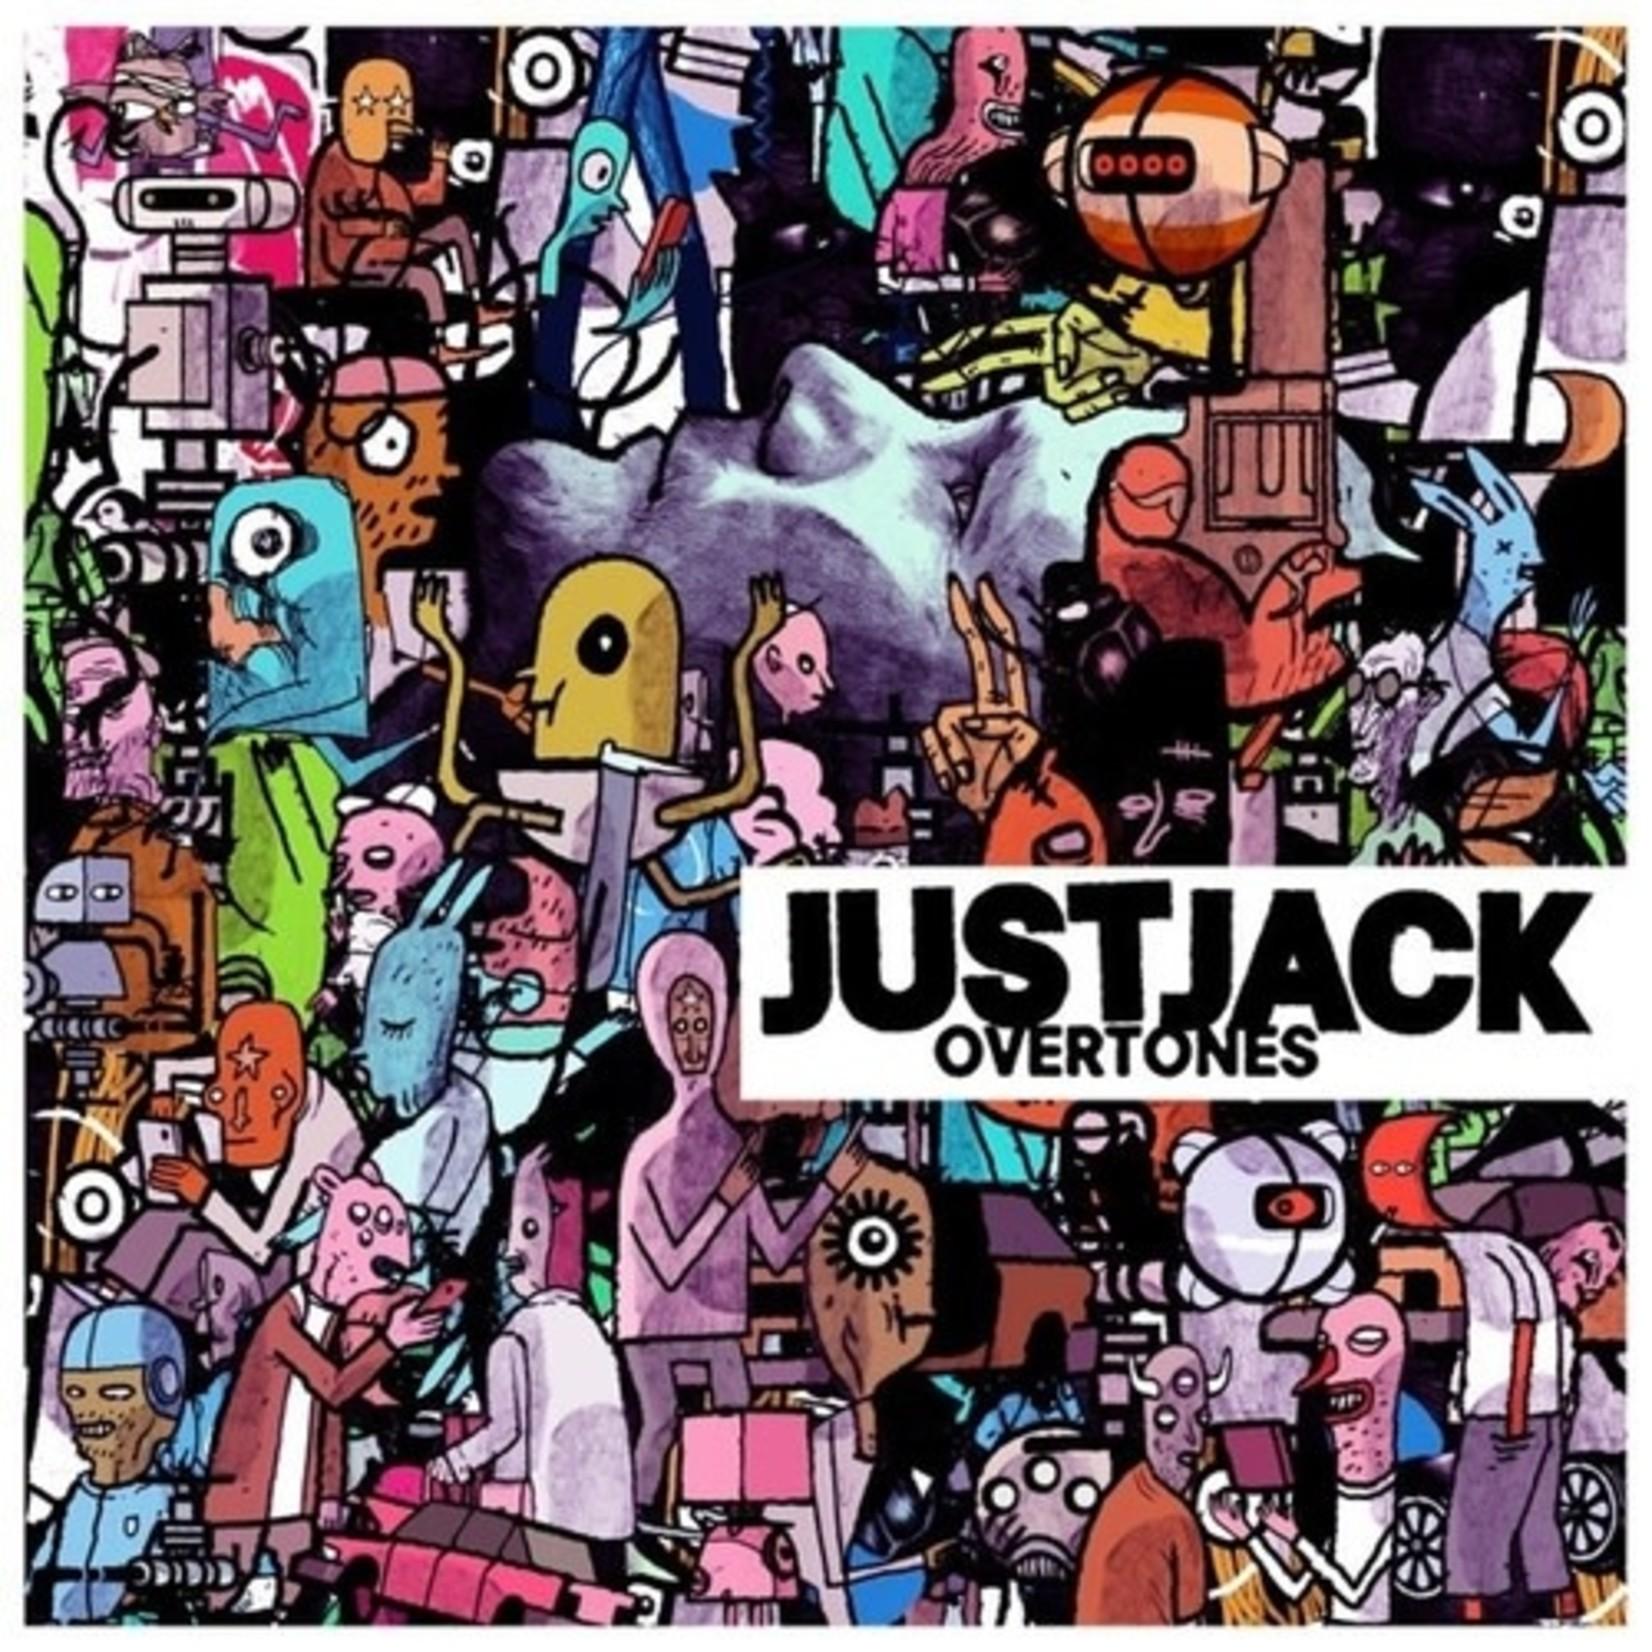 Just Jack - Overtones  (VINYL)